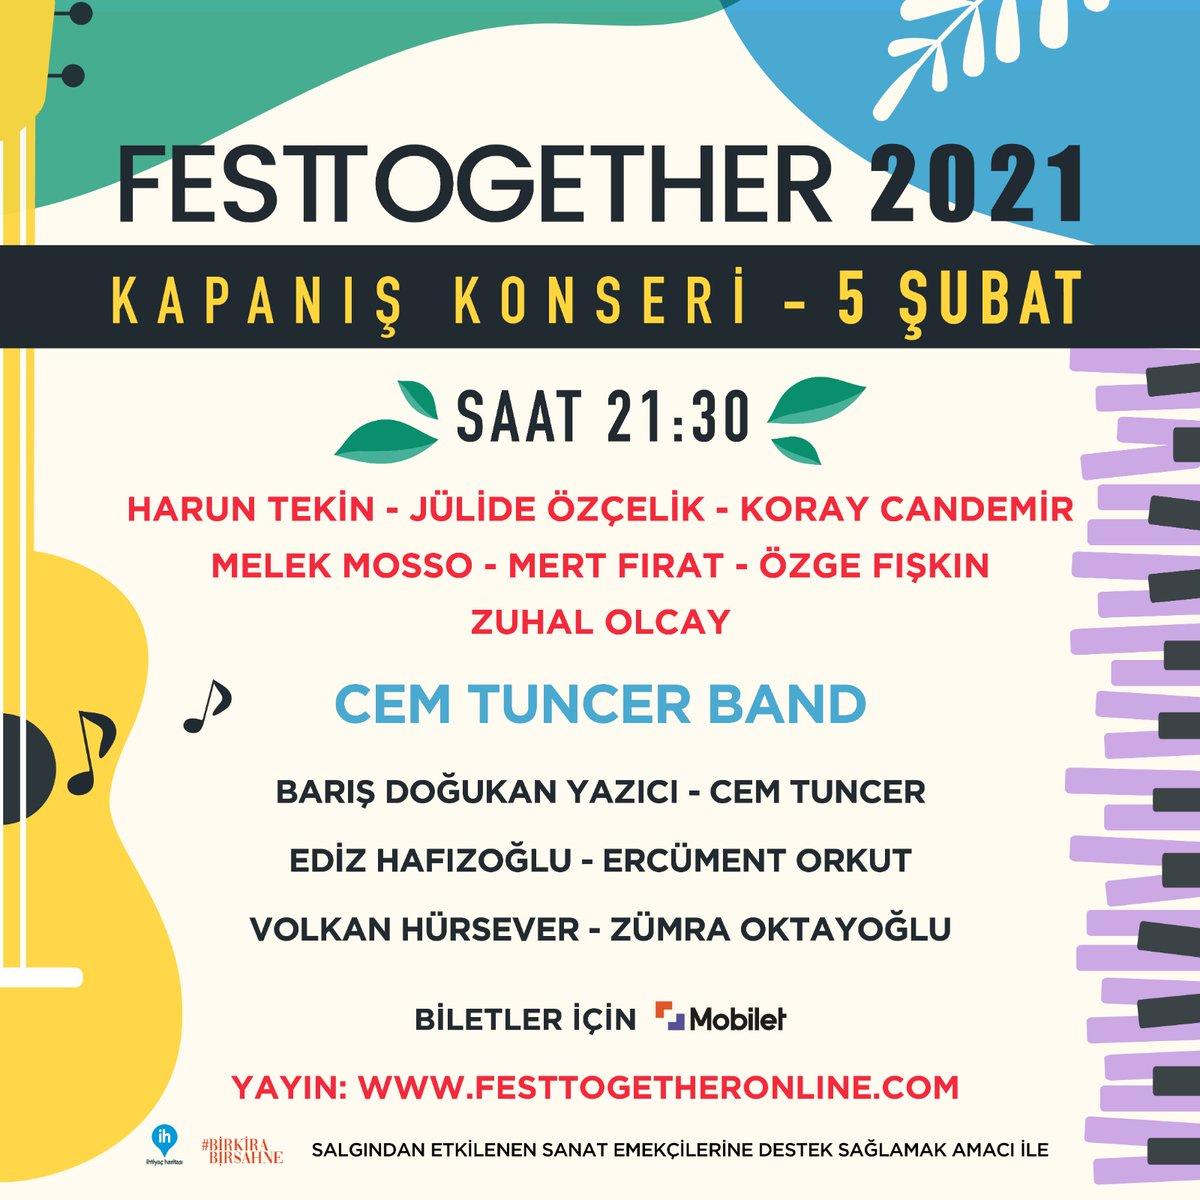 🎉 Festtogether Kapanış Konseri'ni 5 Şubat 21.30'da  üzerinden izleyebilirsiniz. Bilet gelirinin tamamının sanat emekçilerine aktarılacağı konserin biletlerini 'dan alabilirsiniz. Görüşmek üzere! 💙✨  #evdendestekol #Festtogether